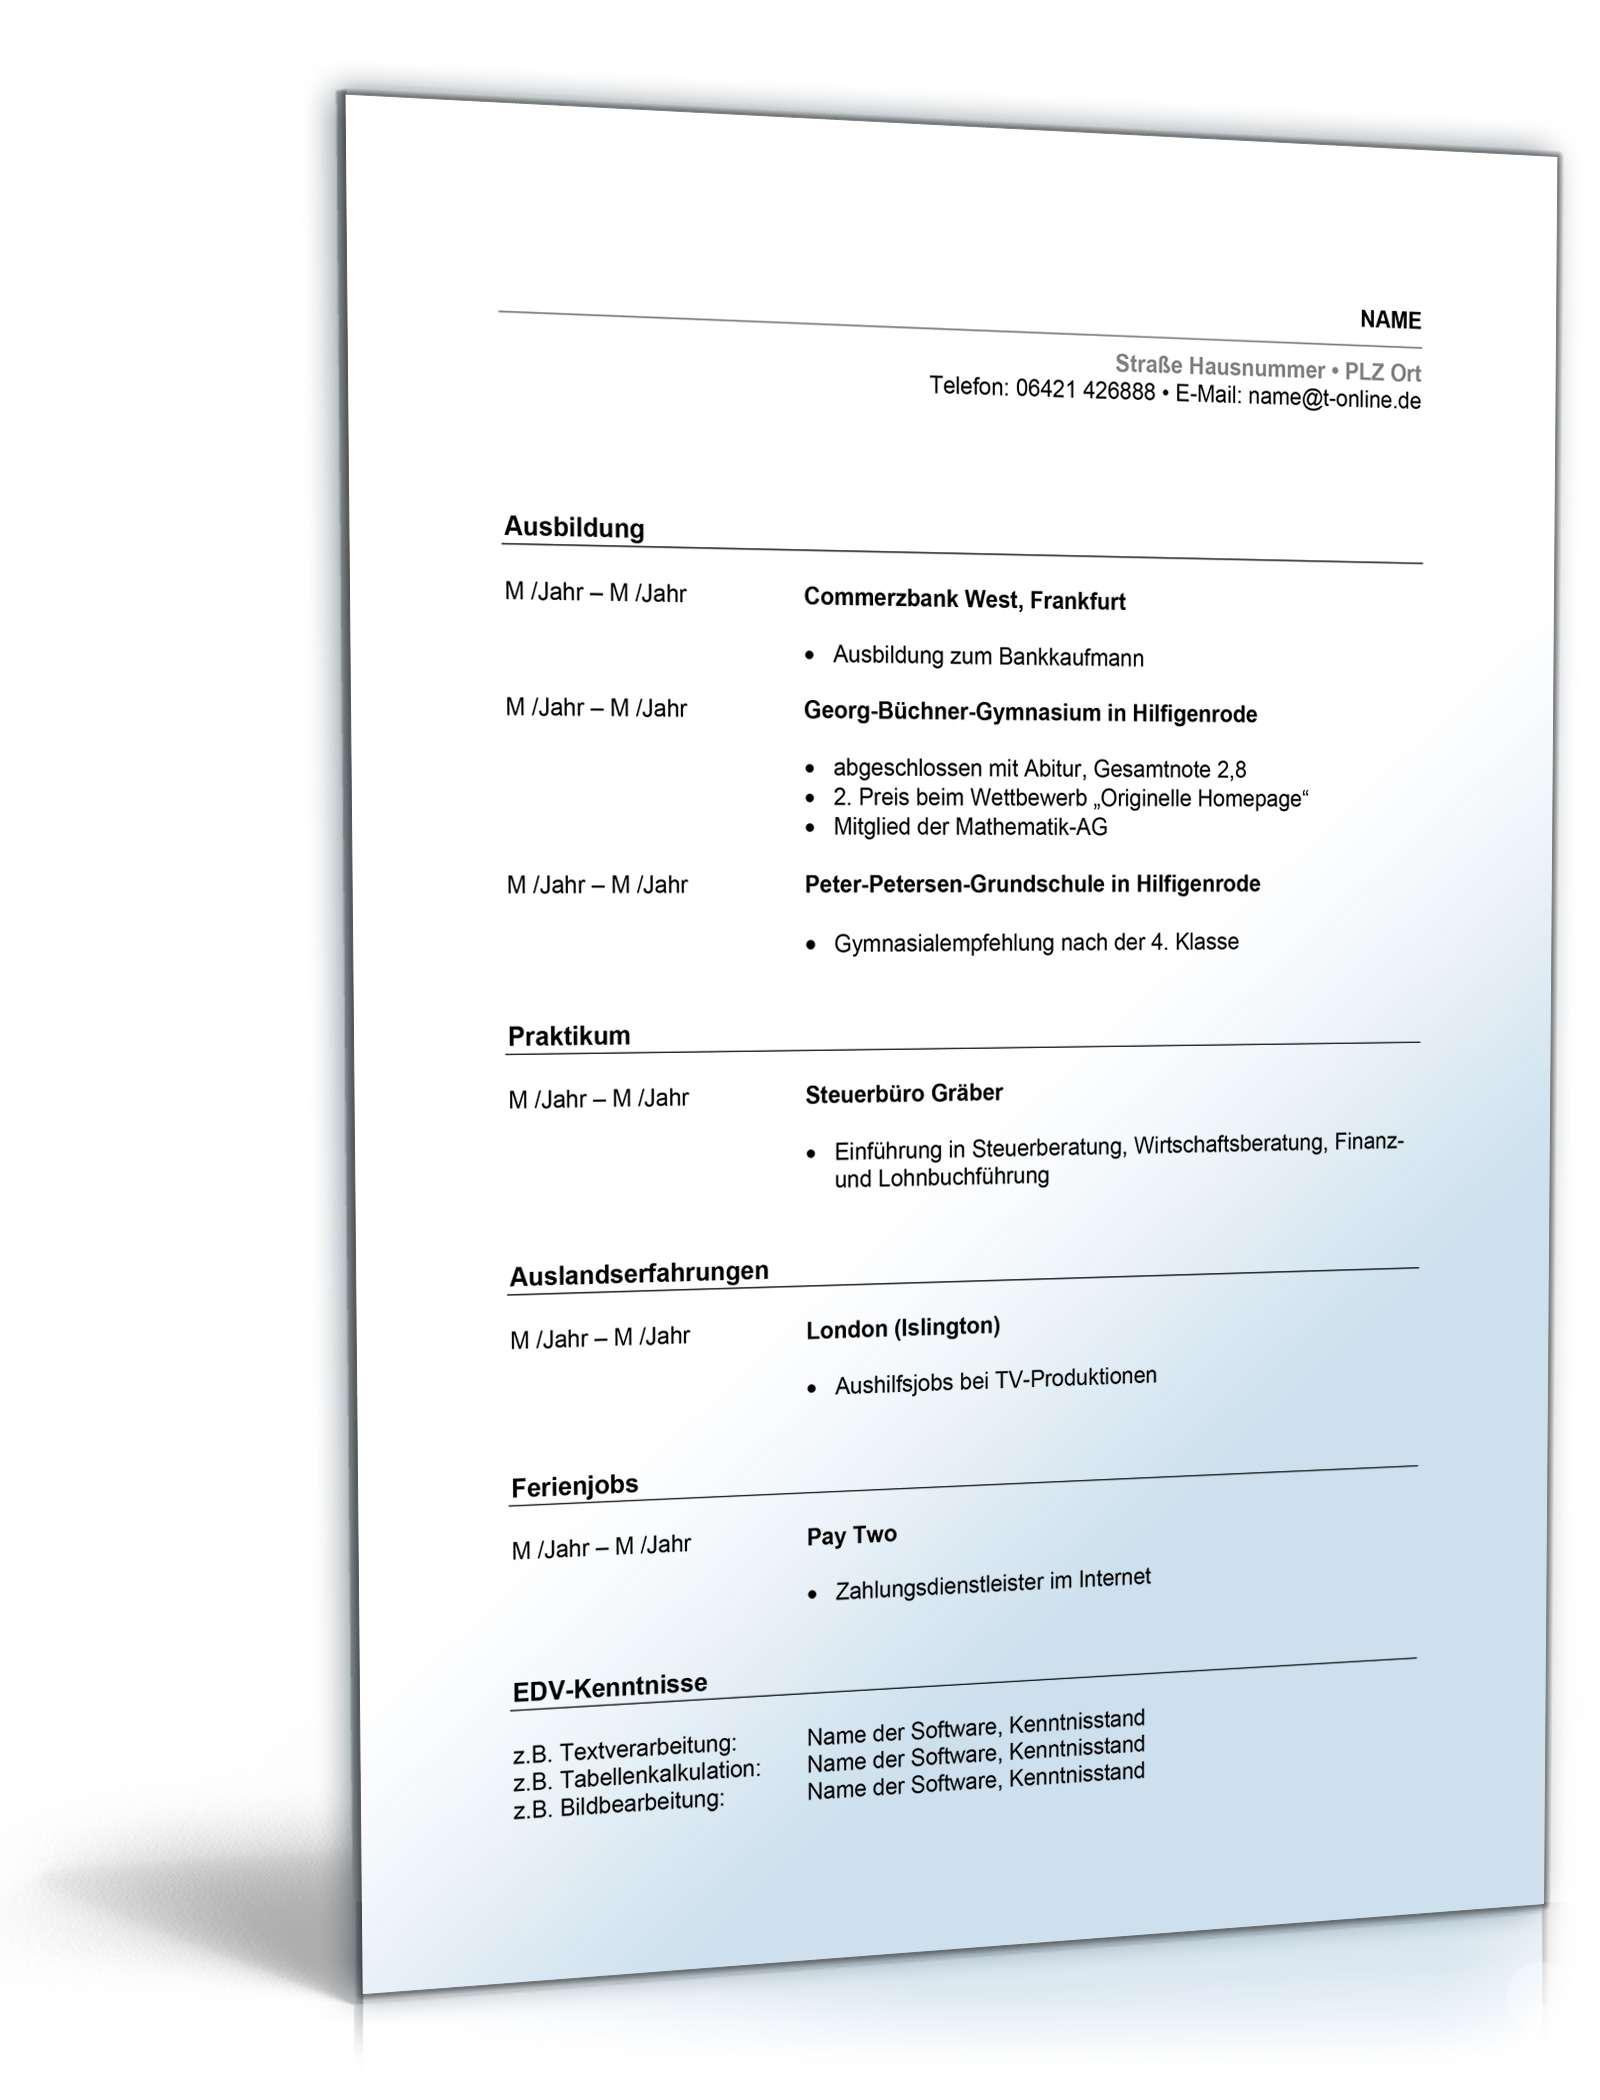 Schön Lebenslauf Brief Der Einführung Ideen Entry Level Resume